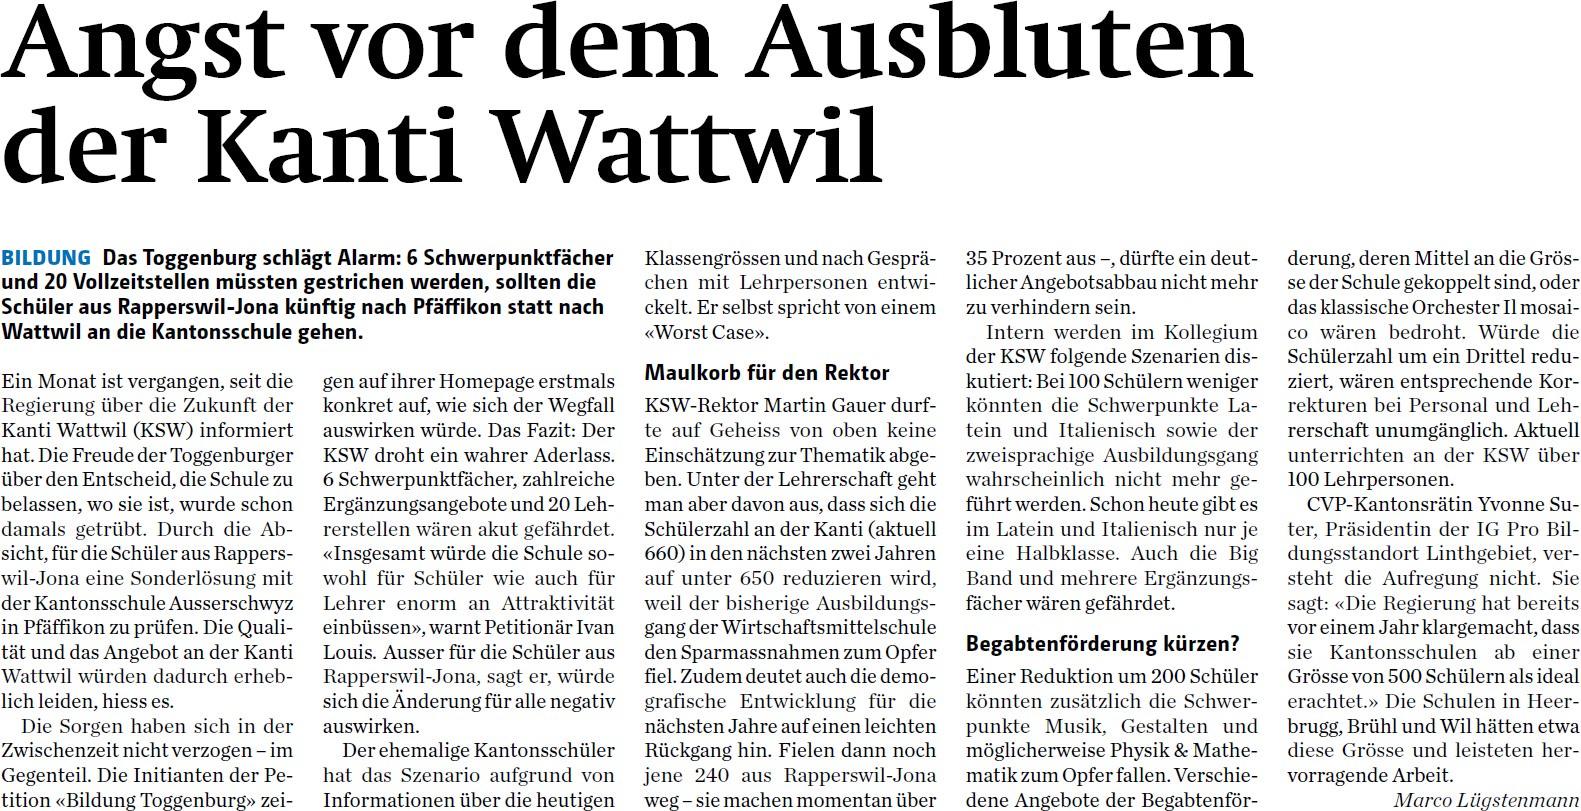 Angst vor dem Ausbluten der Kanti Wattwil (Dienstag, 03.06.2014)